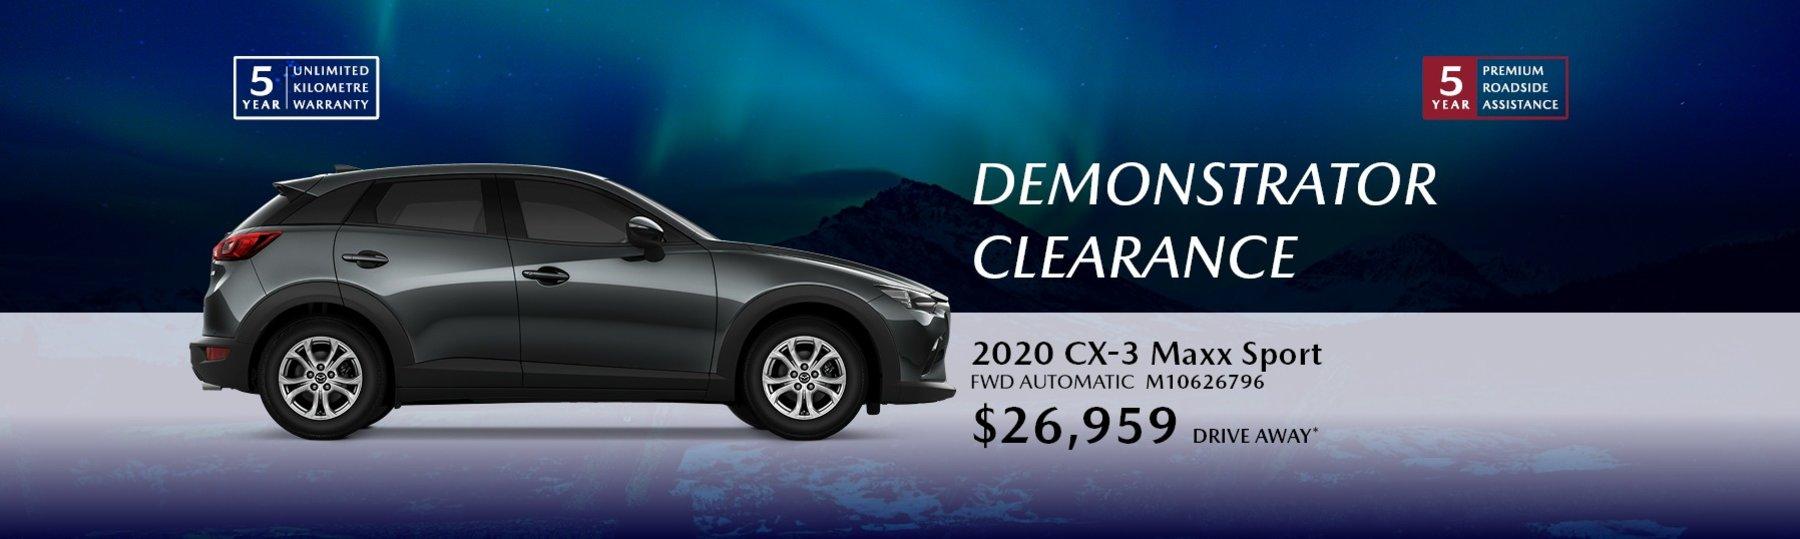 cx-3 driveaway deals